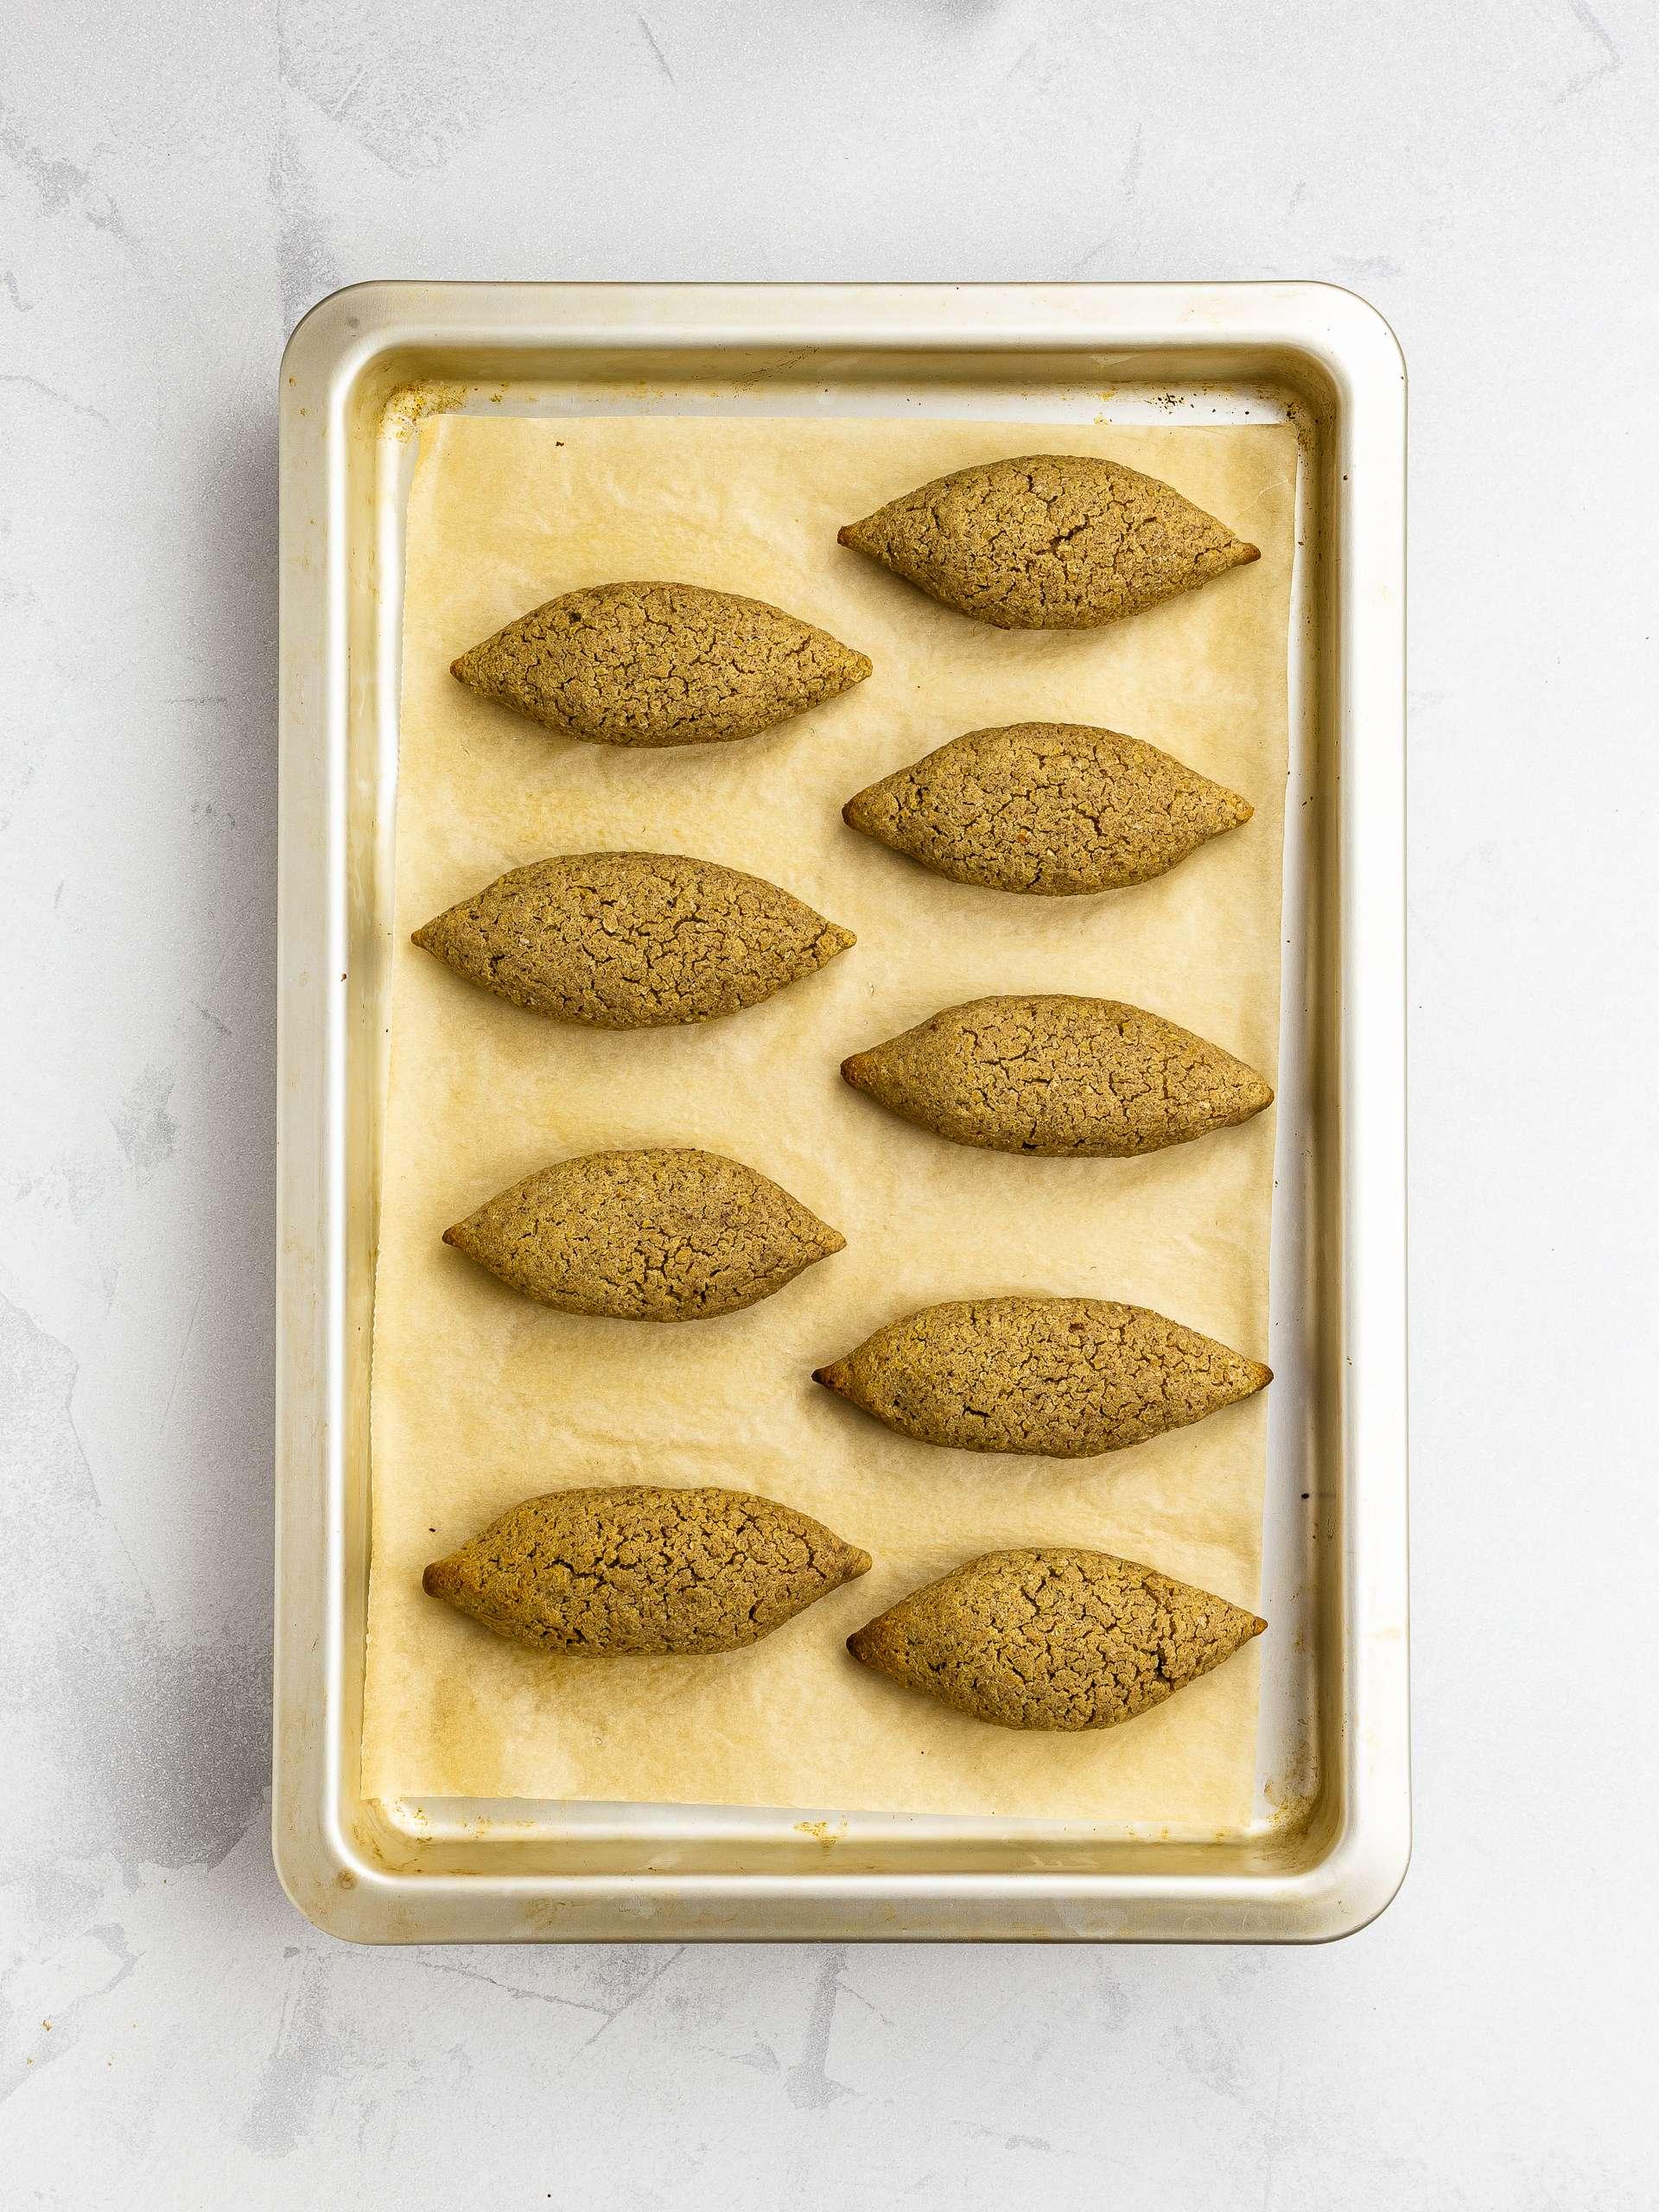 oven-baked kibbeh balls